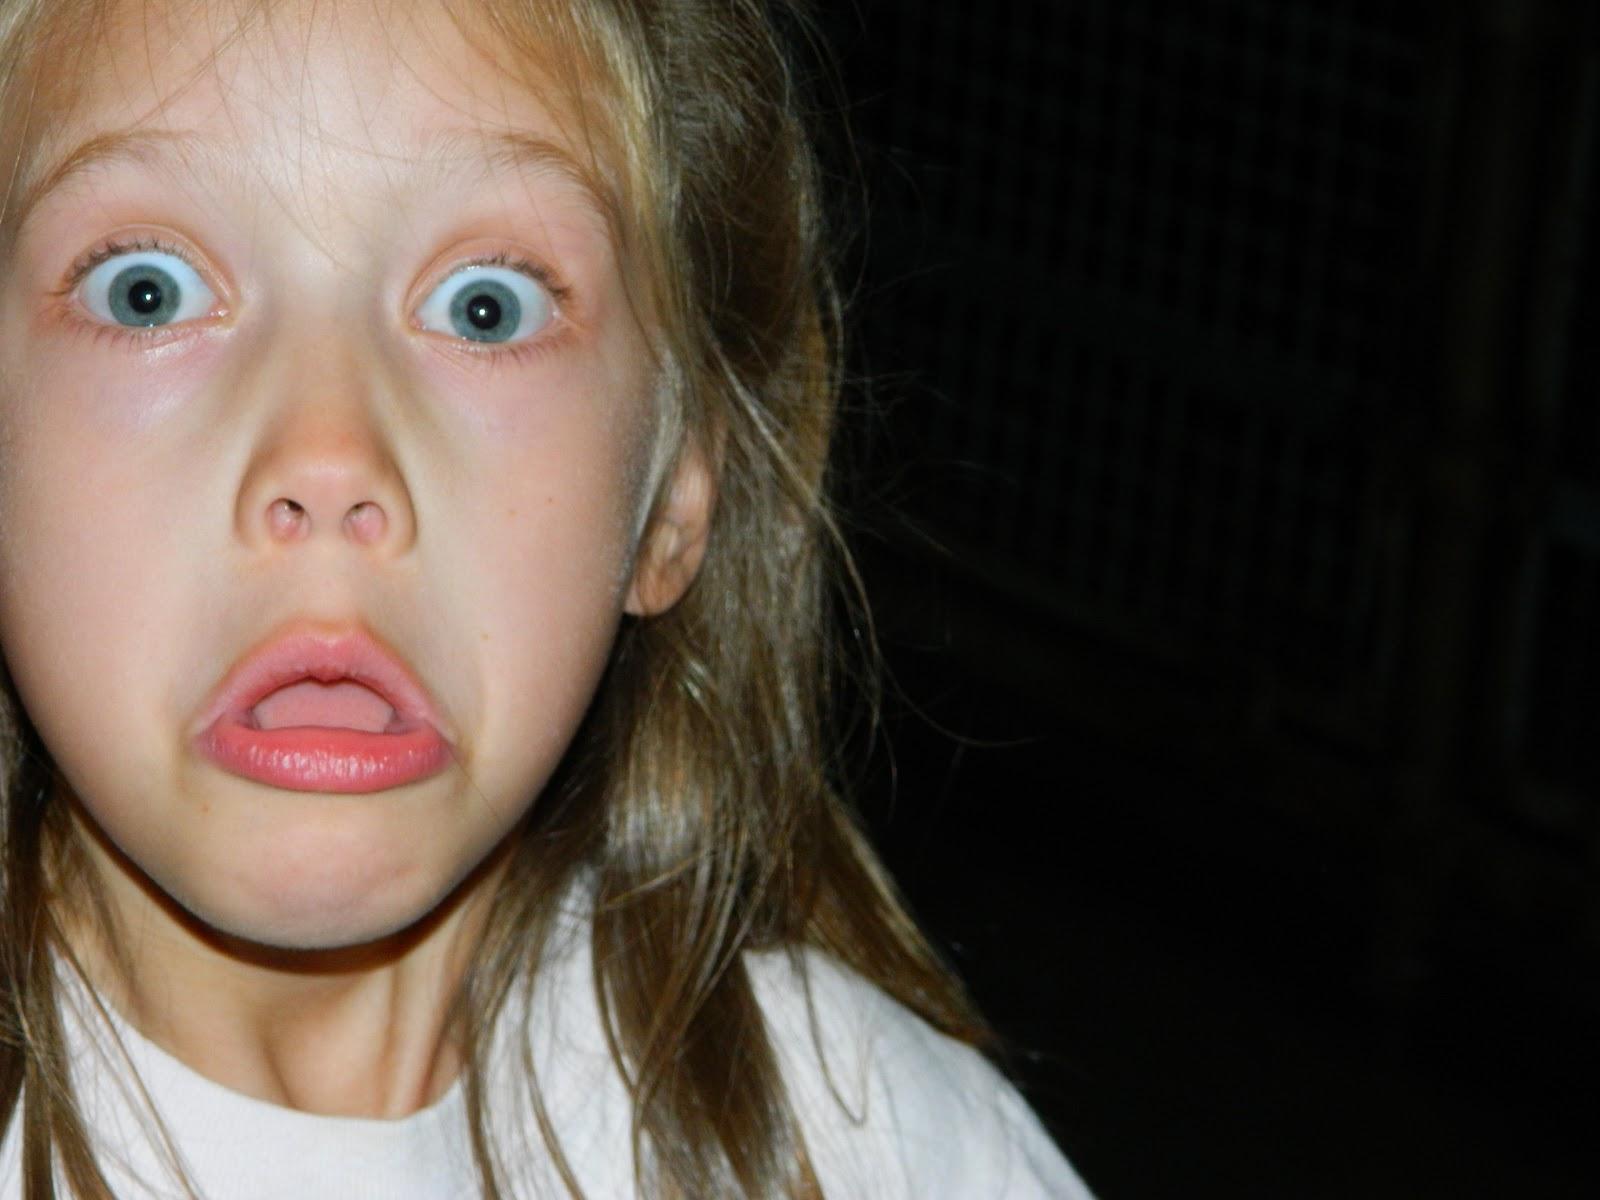 deformed face kid - HD1600×1200